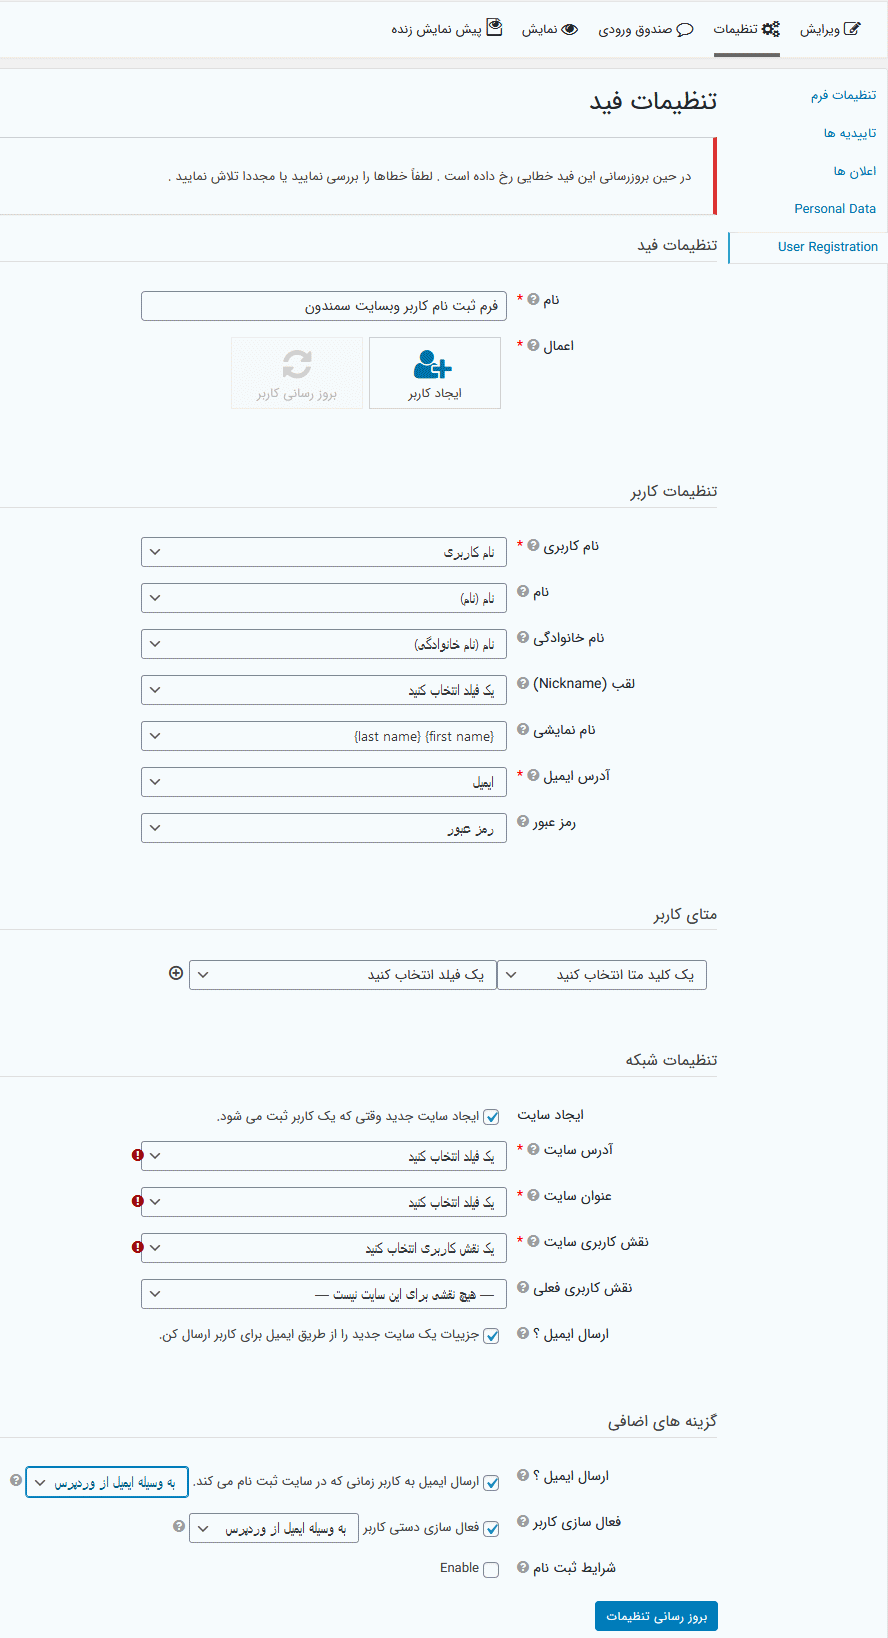 تنظیمات فید افزونه Gravity Forms User Registration Add-On